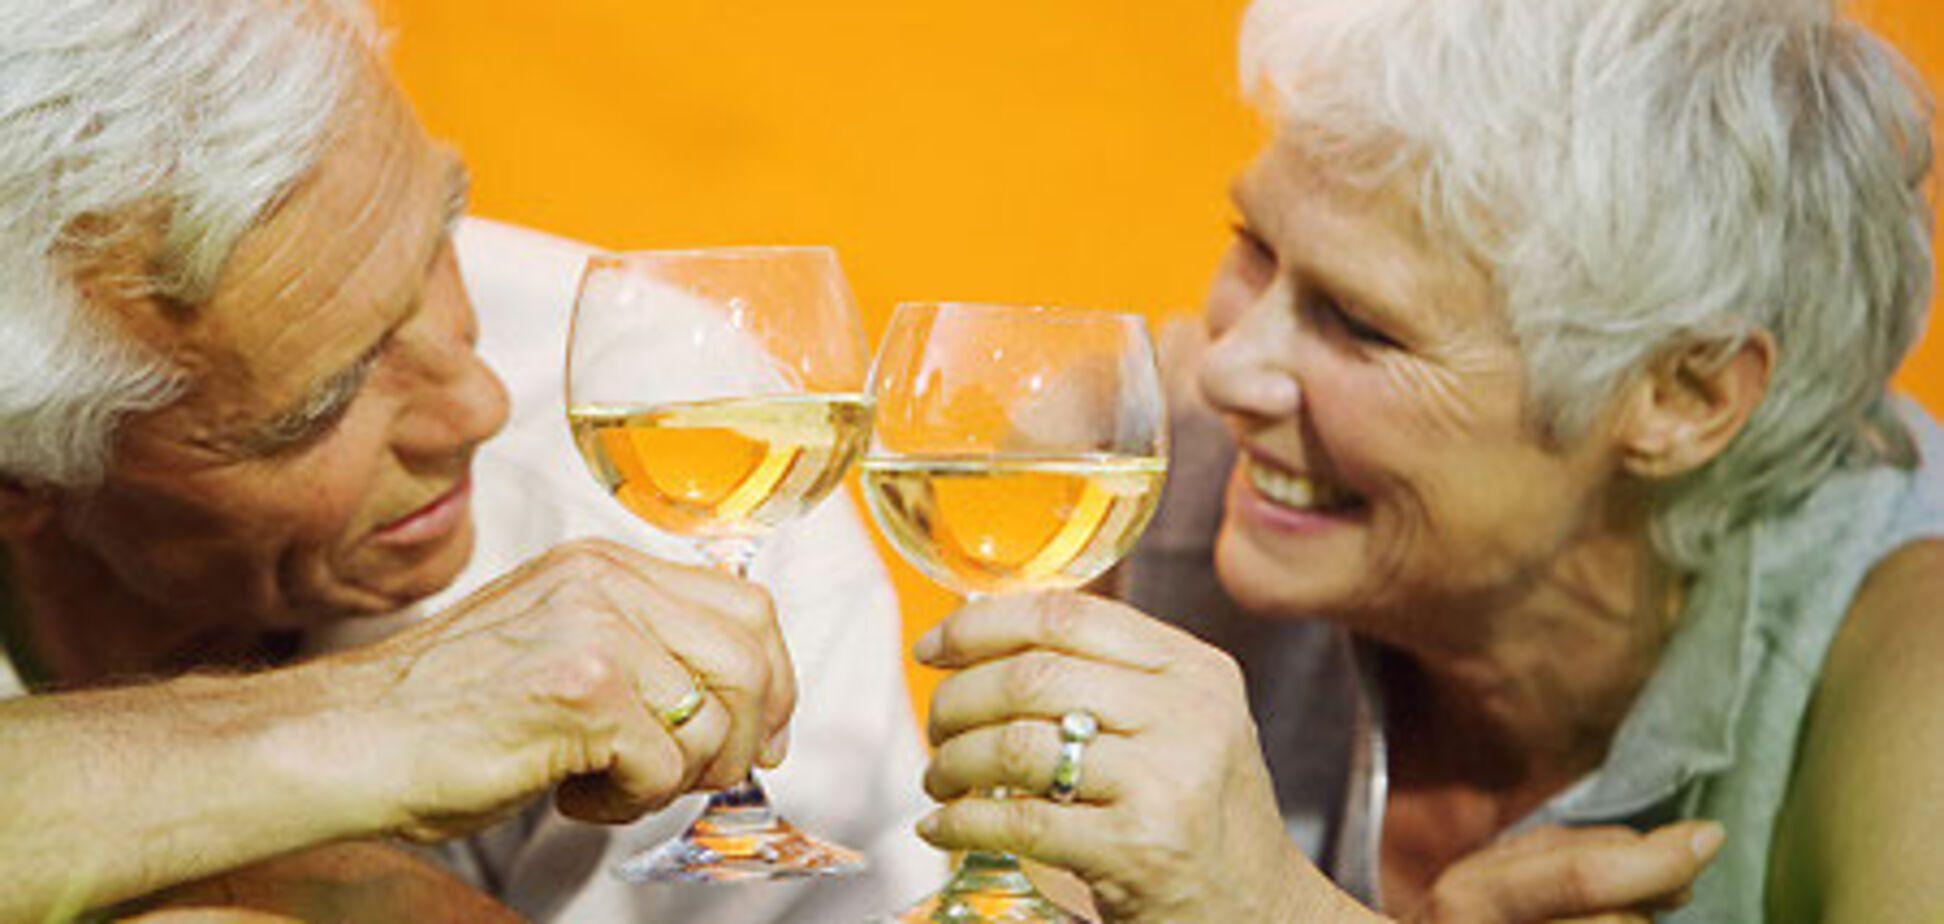 Пожилые американцы злоупотребляют алкоголем